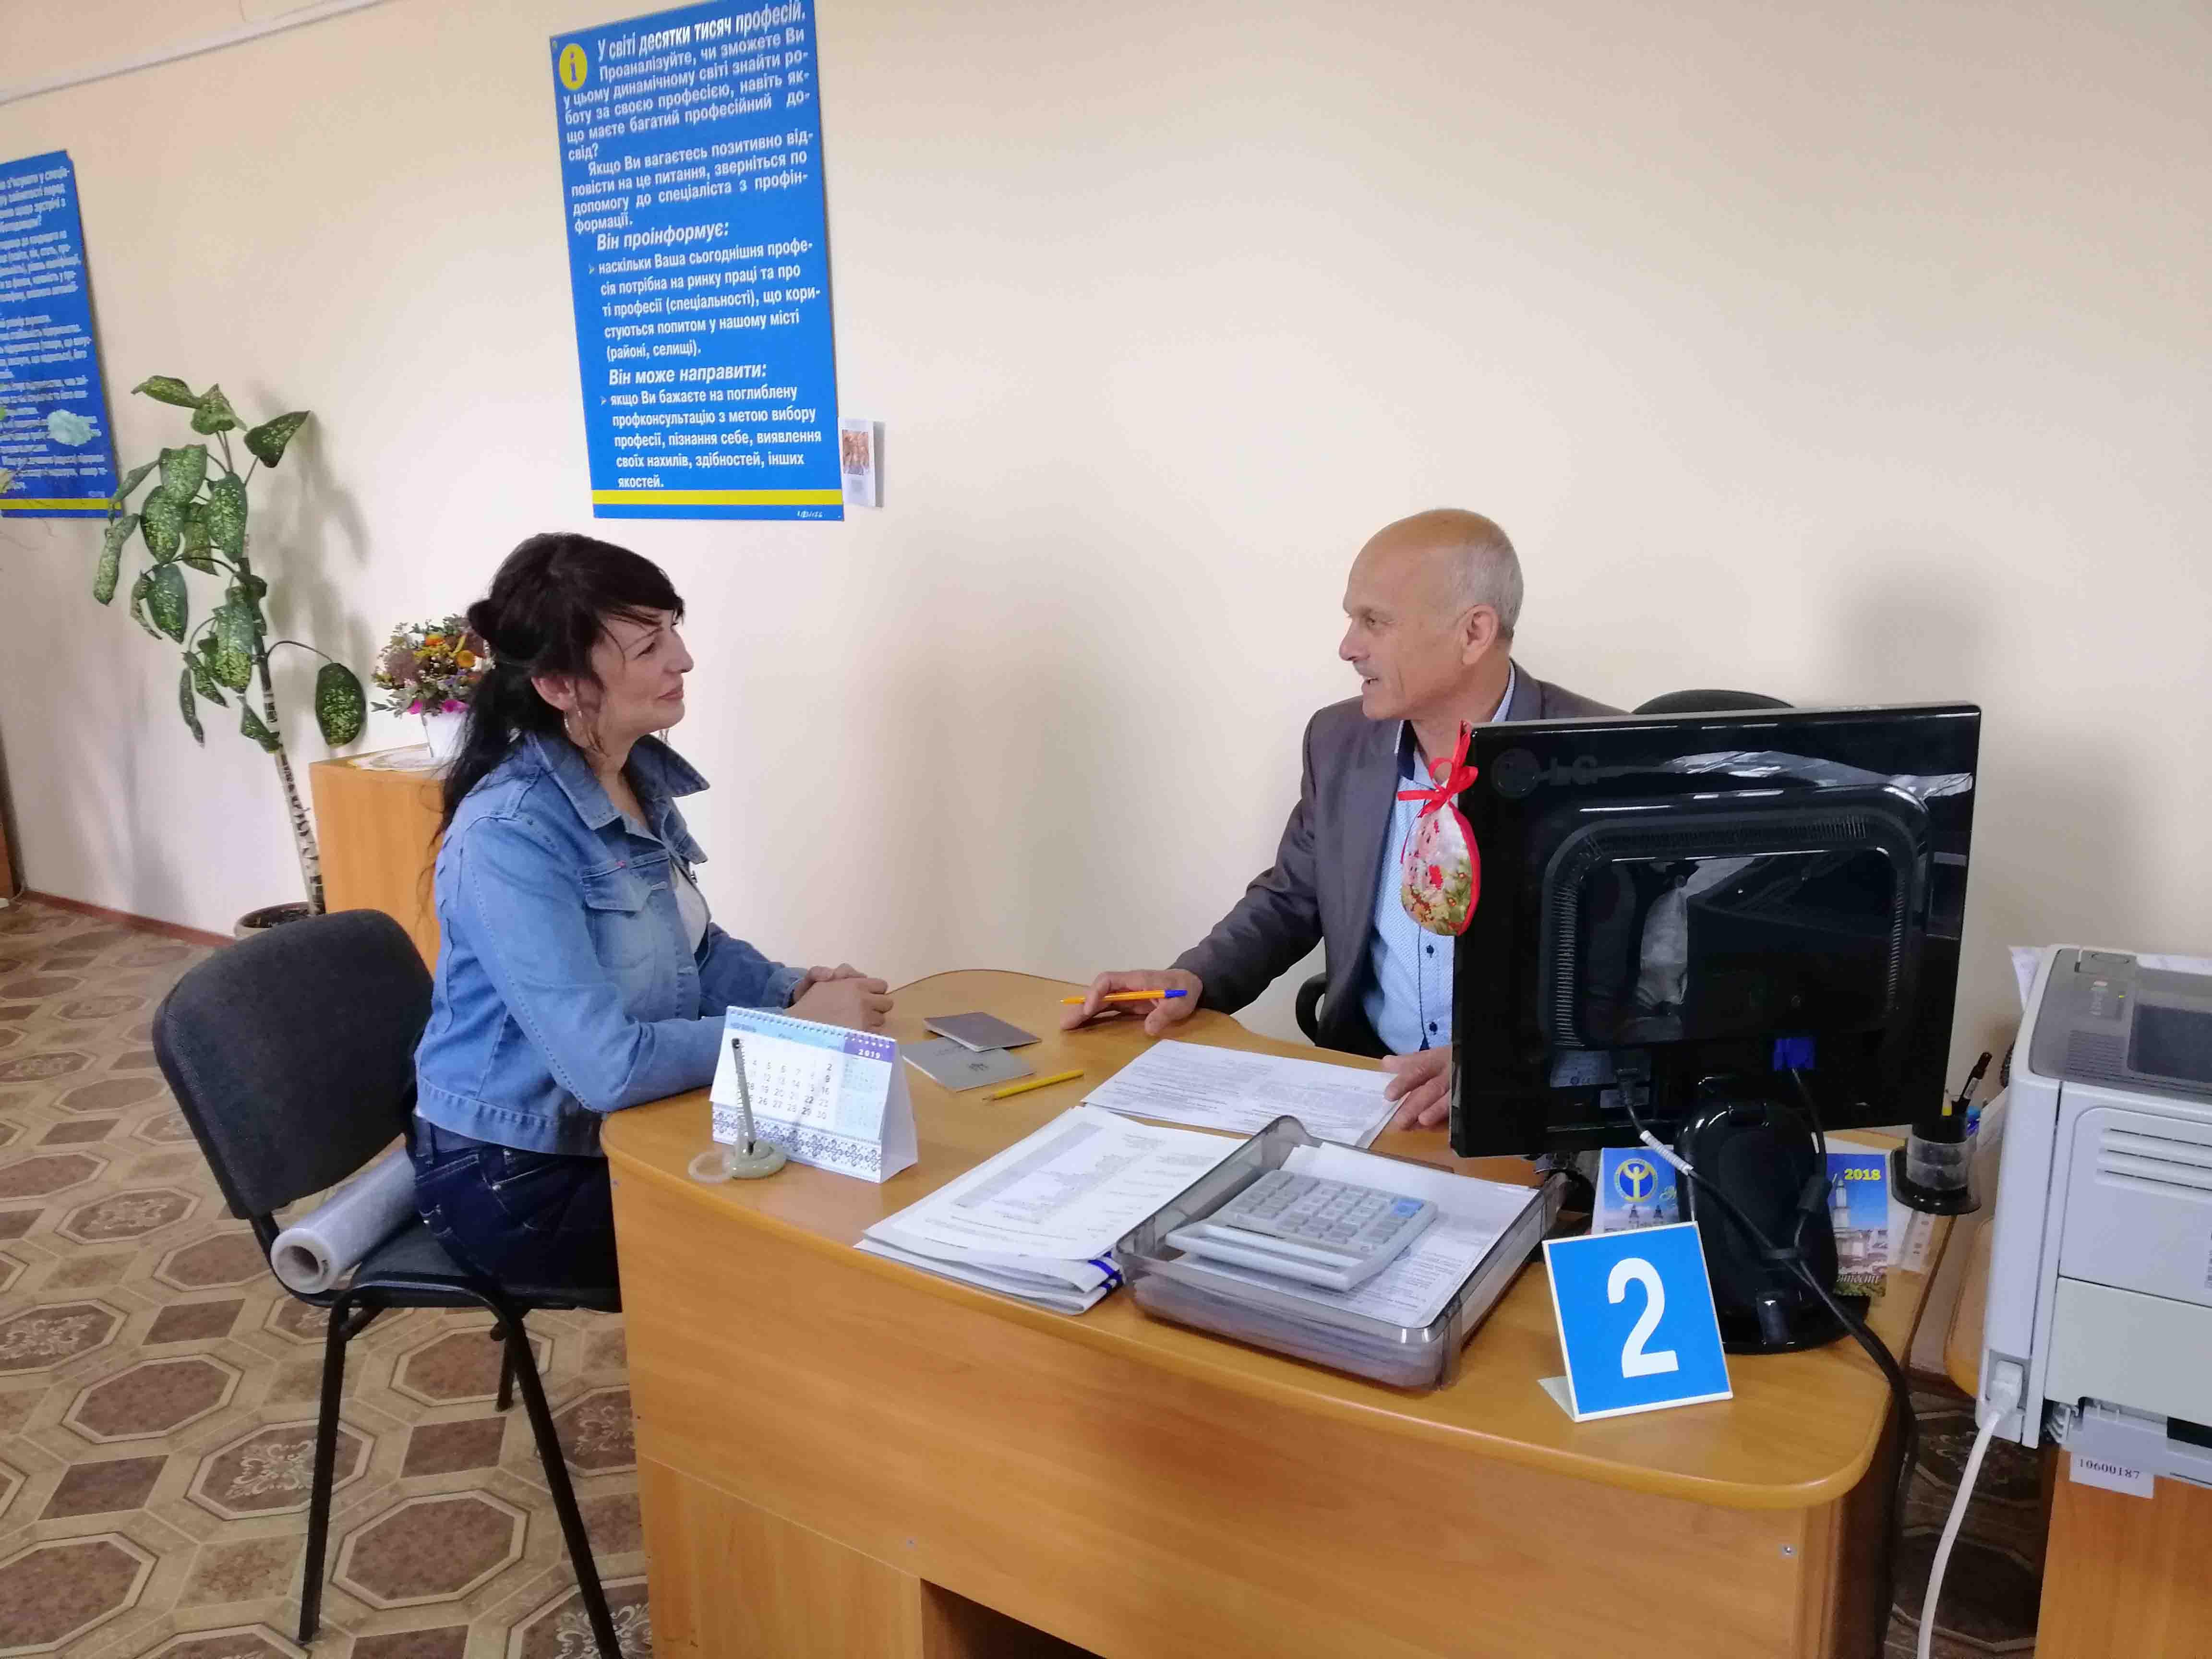 Керівники філій та міського центру зайнятості Прикарпаття виконують функції реєстраторів (ФОТО)